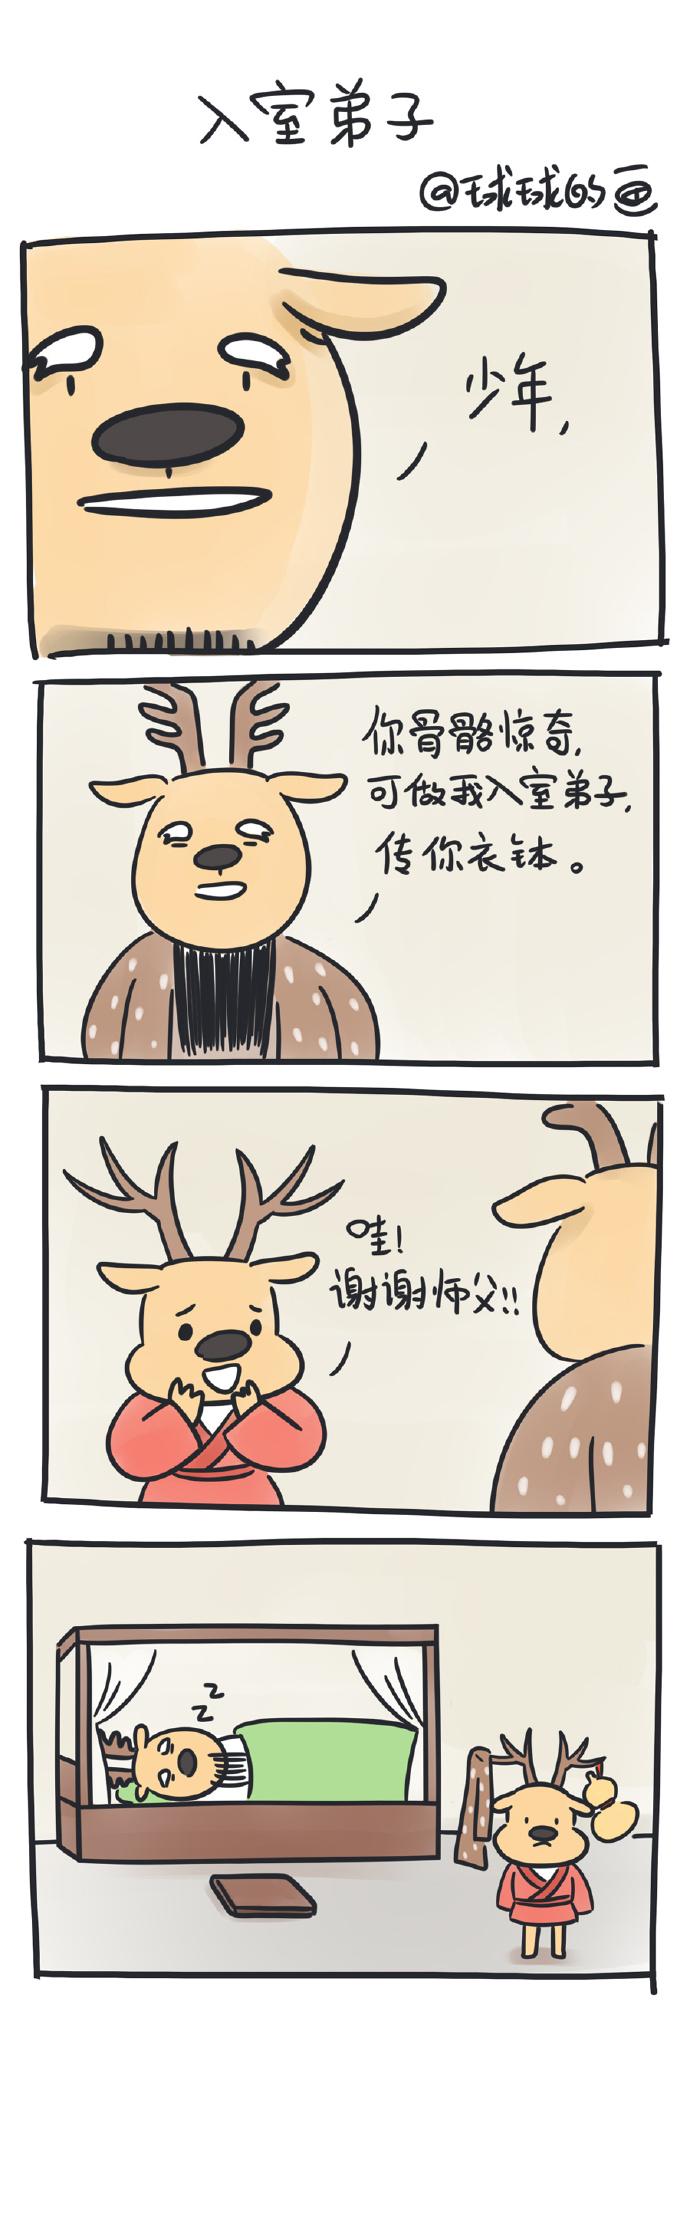 2020福利汇总第38期:is卧草 搞笑 第5张